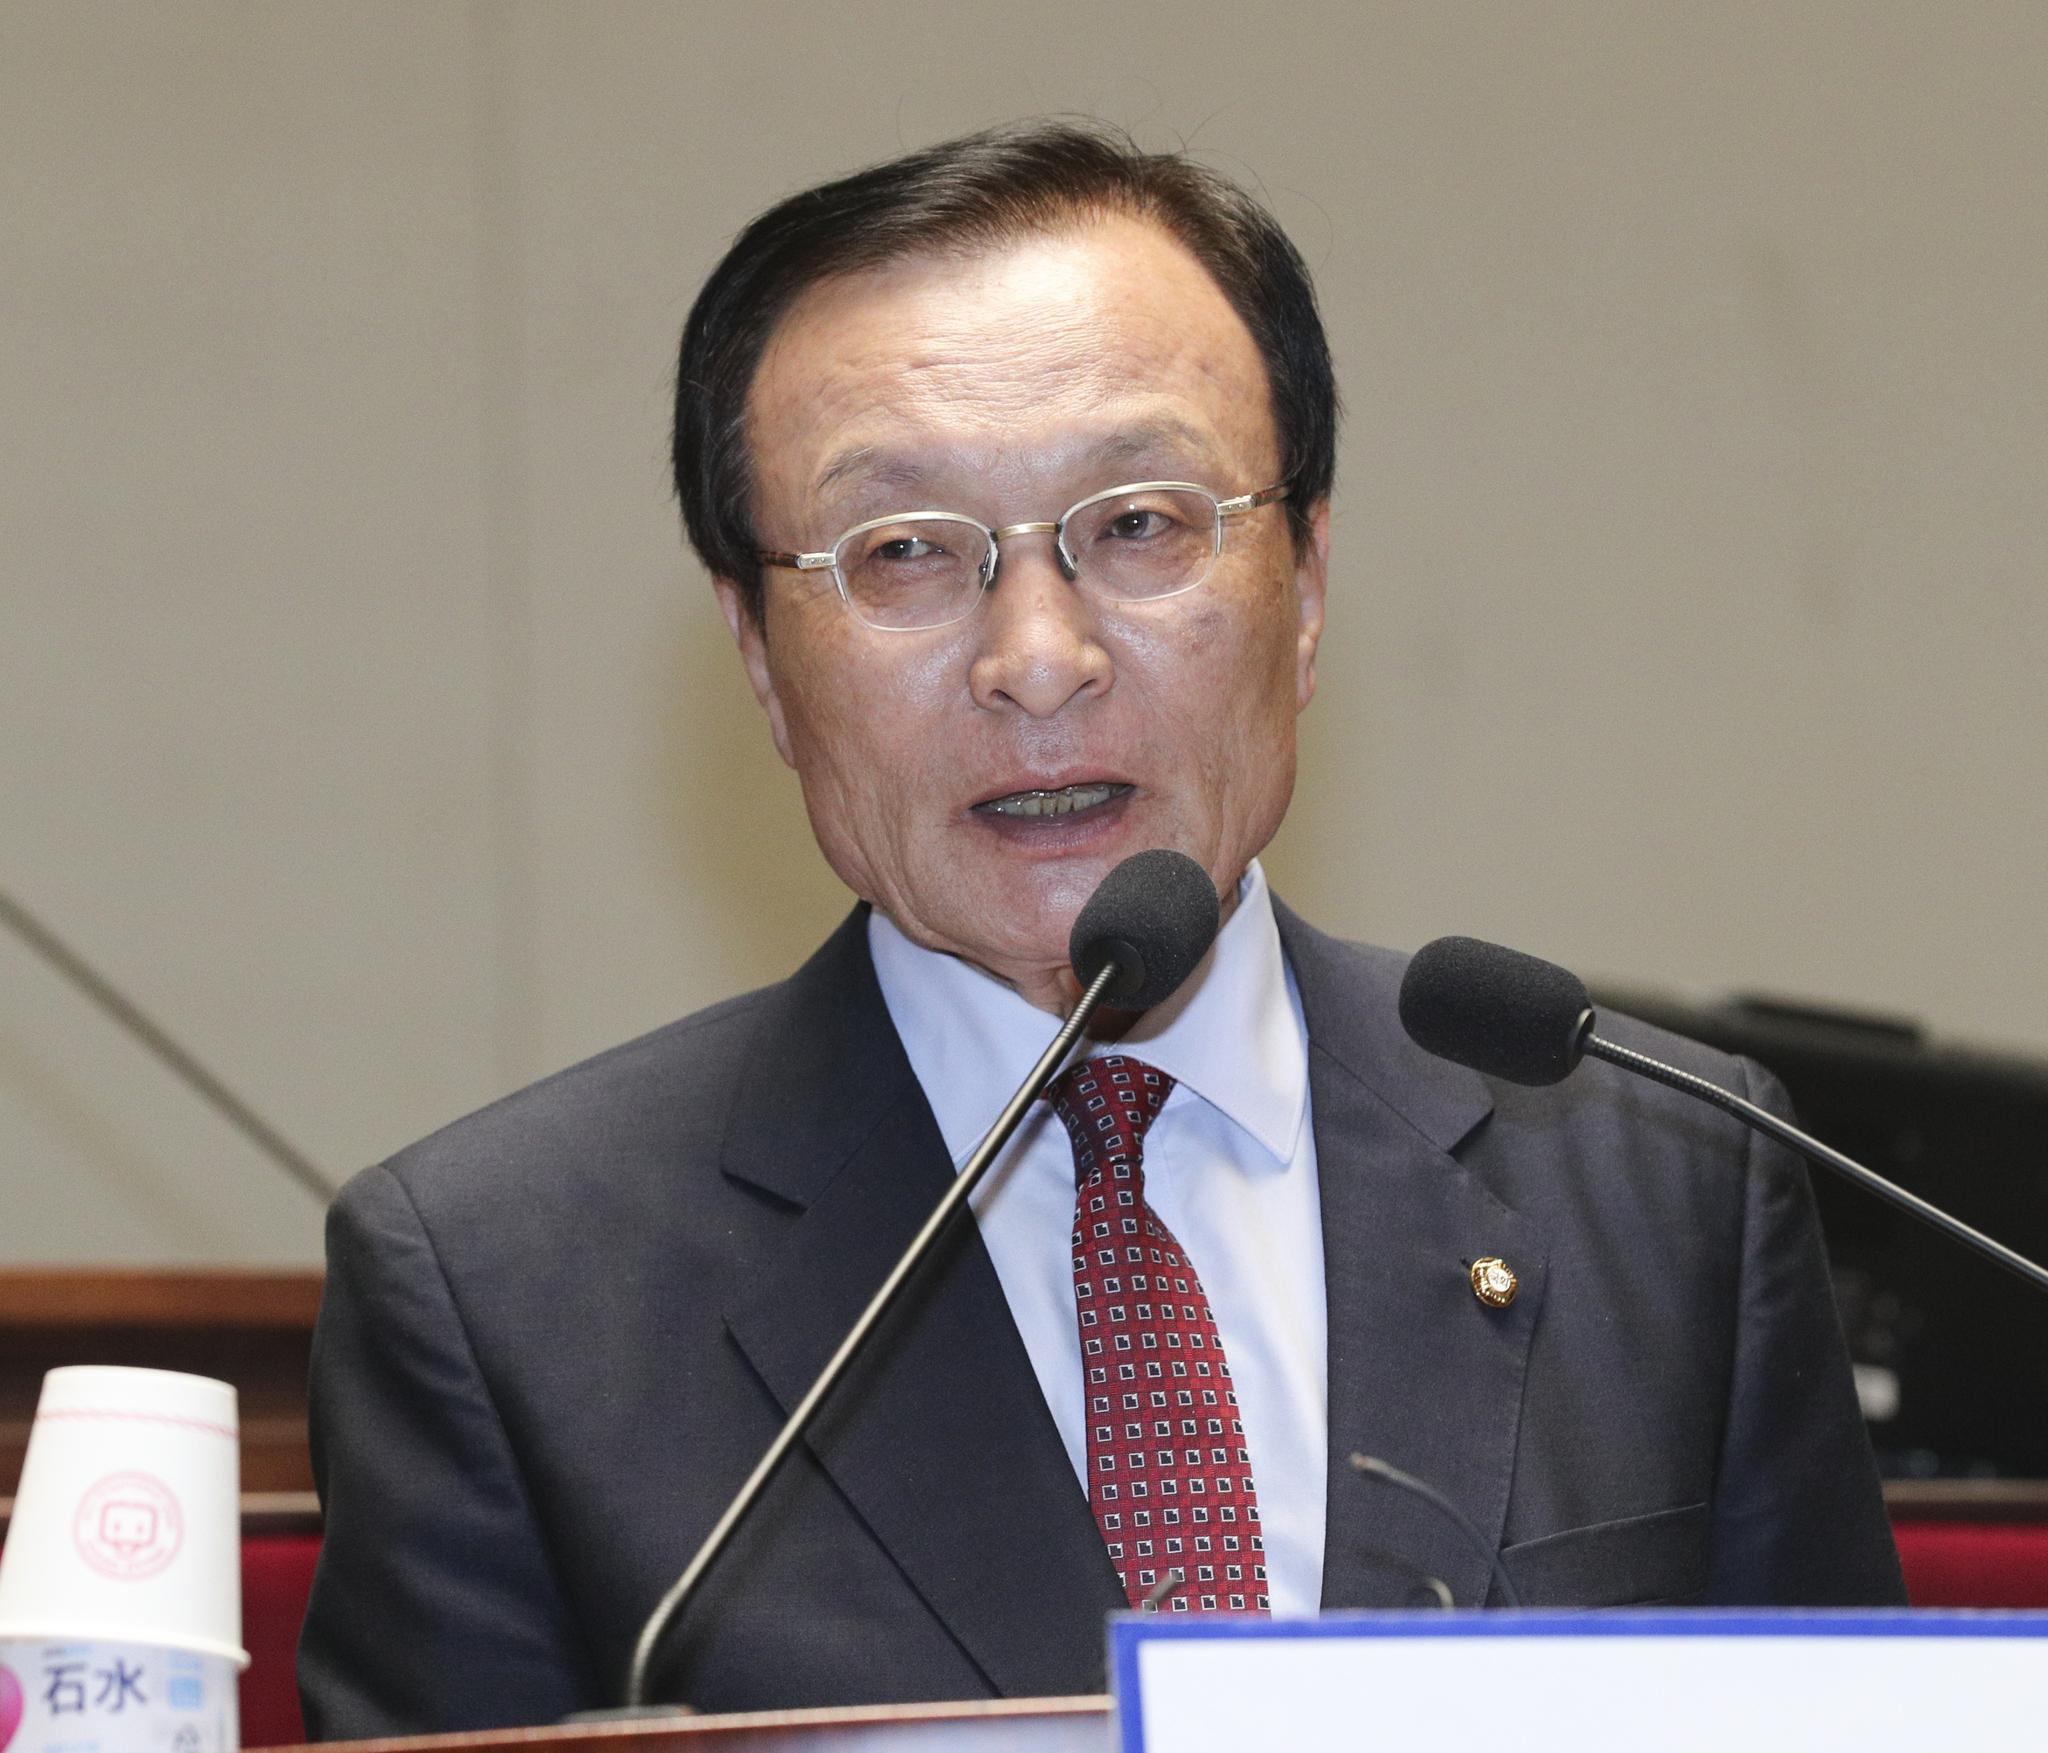 민주당 이해찬 대표가 26일 국회 본청에서 열린 의원총회에 모두발언을 하고 있다. 임현동 기자